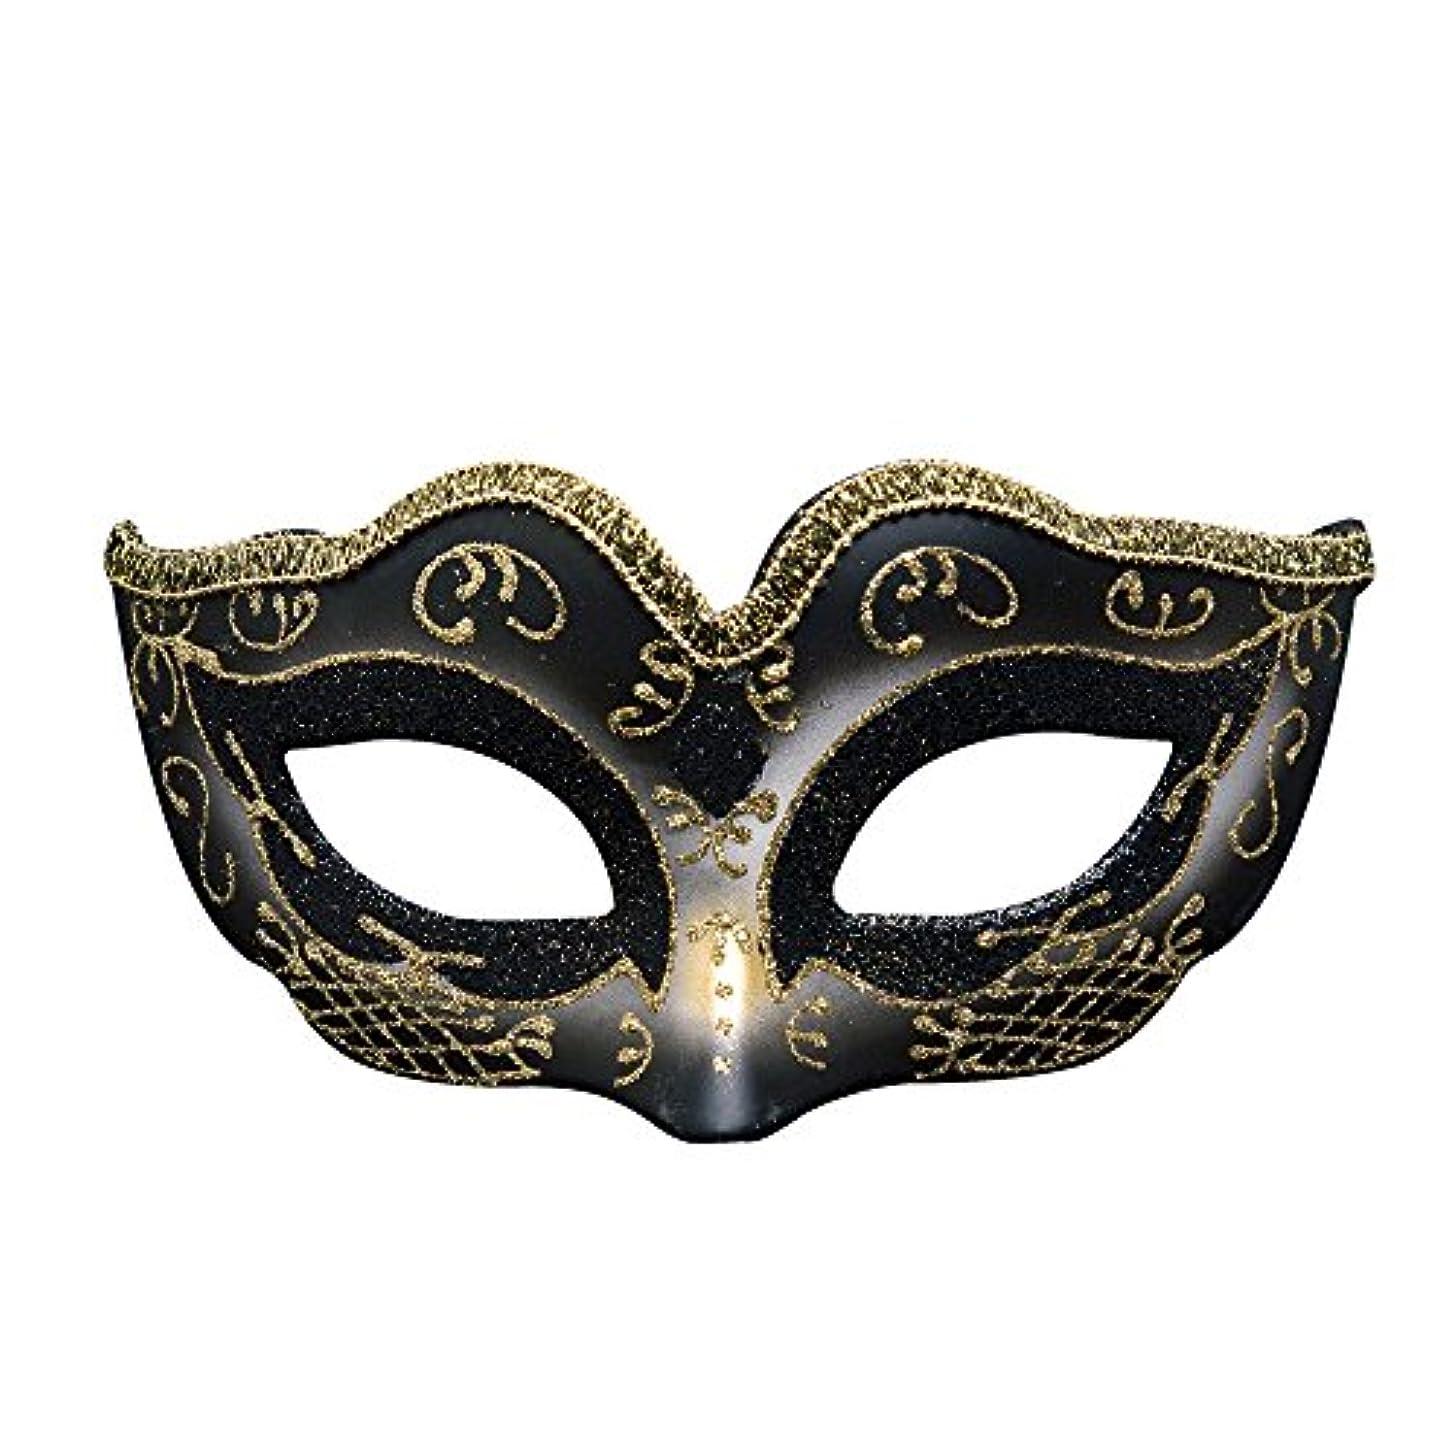 以下詳細に歌クリエイティブカスタム子供のなりすましパーティーハロウィーンマスククリスマス雰囲気マスク (Color : A)